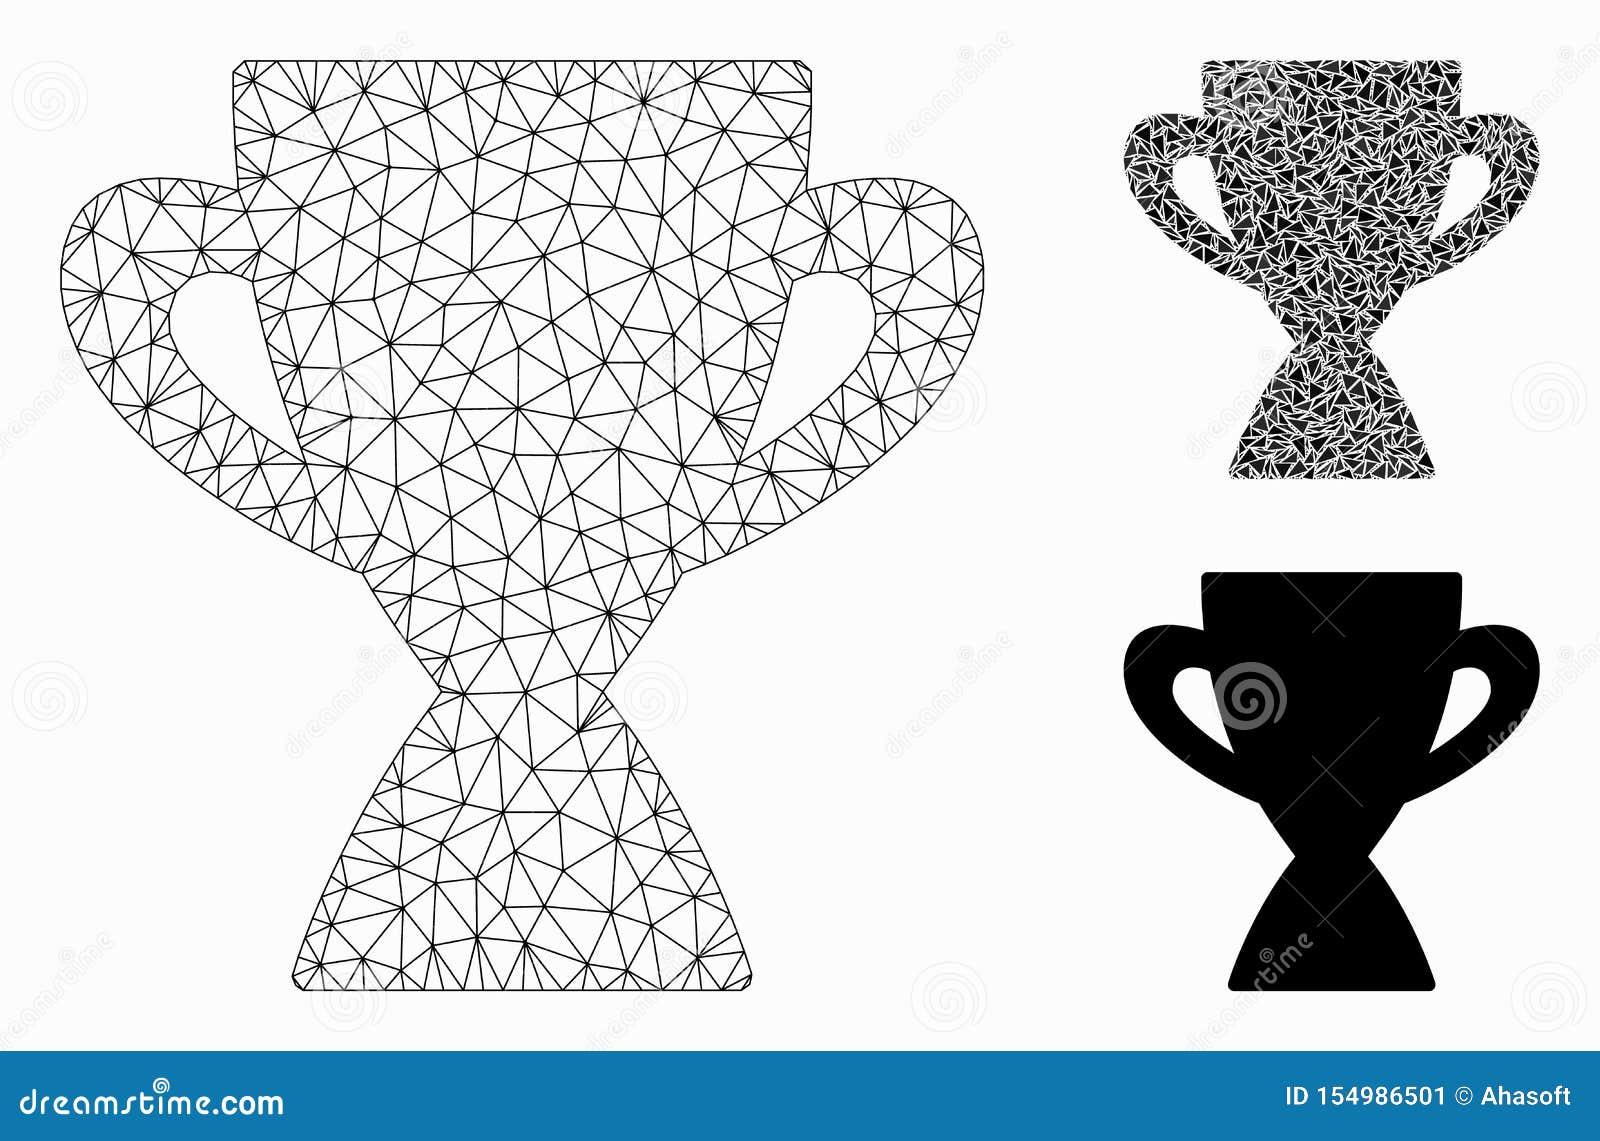 Призовой значок мозаики сетевой модели и треугольника ячеистой сети вектора чашки